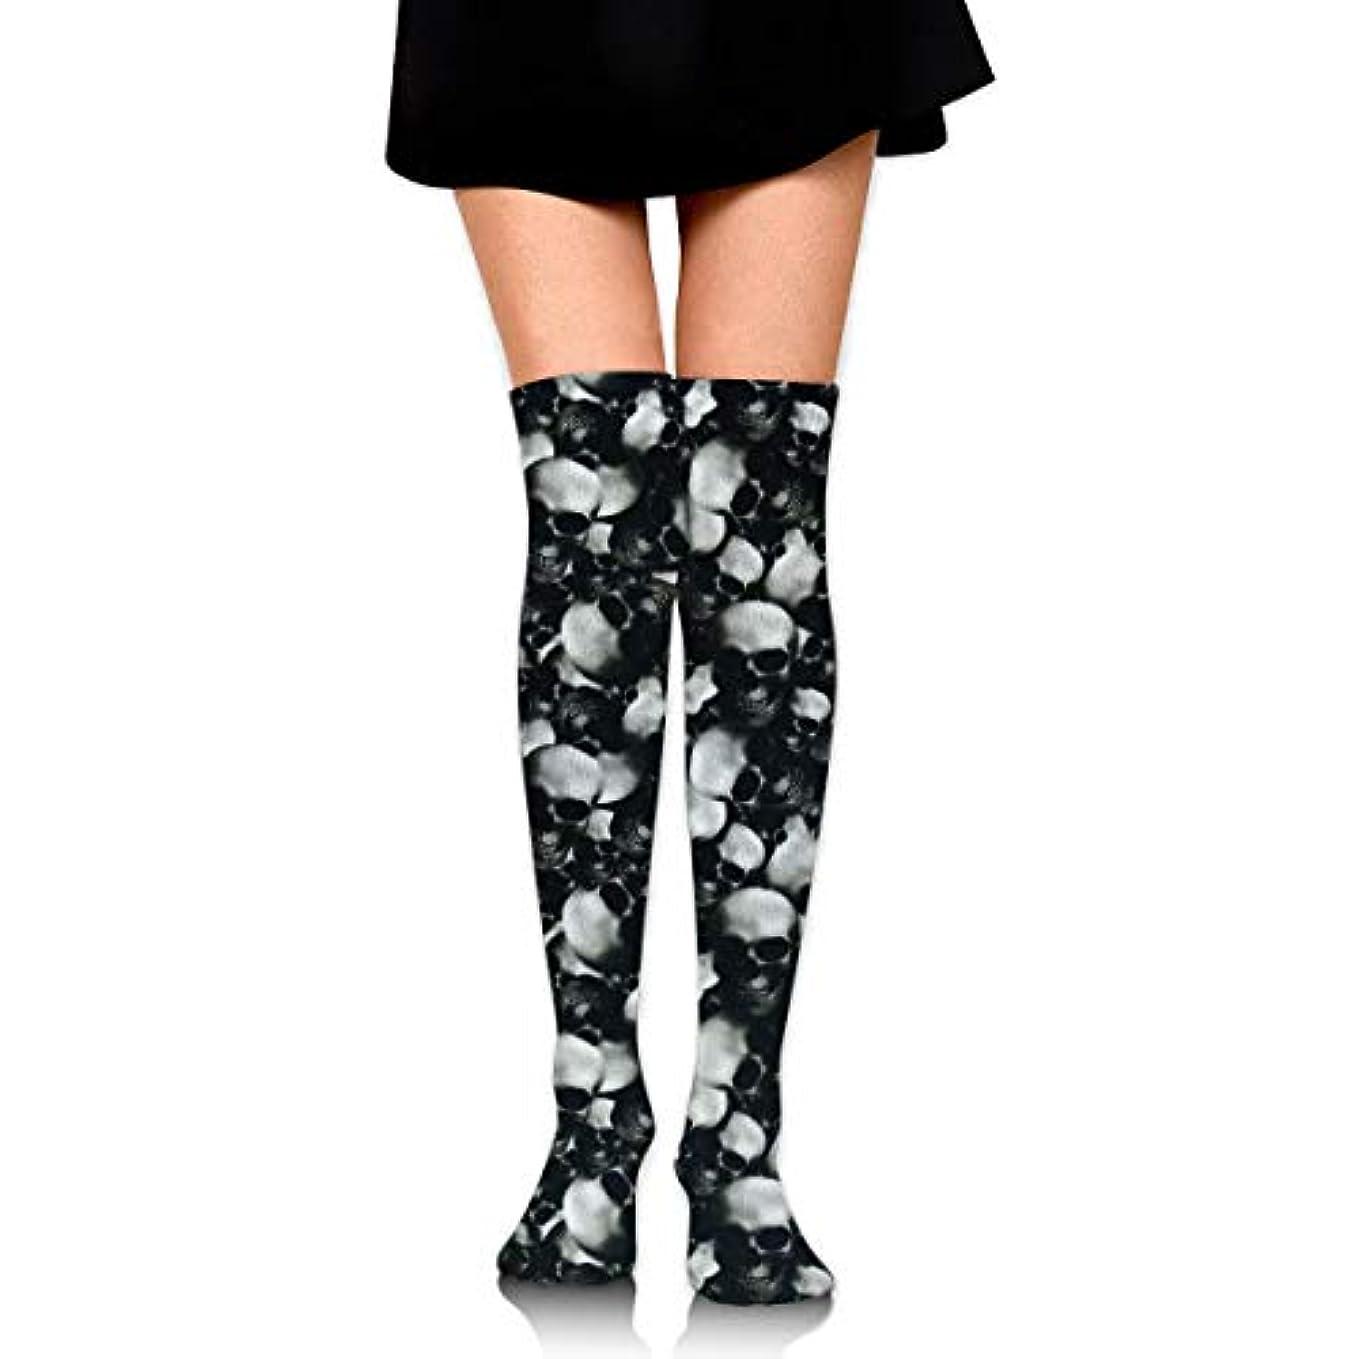 勇敢な赤外線レースMKLOS 通気性 圧縮ソックス Breathable Extra Long Cotton Mid Thigh High Black Camo Seamless Skull Exotic Psychedelic Print...